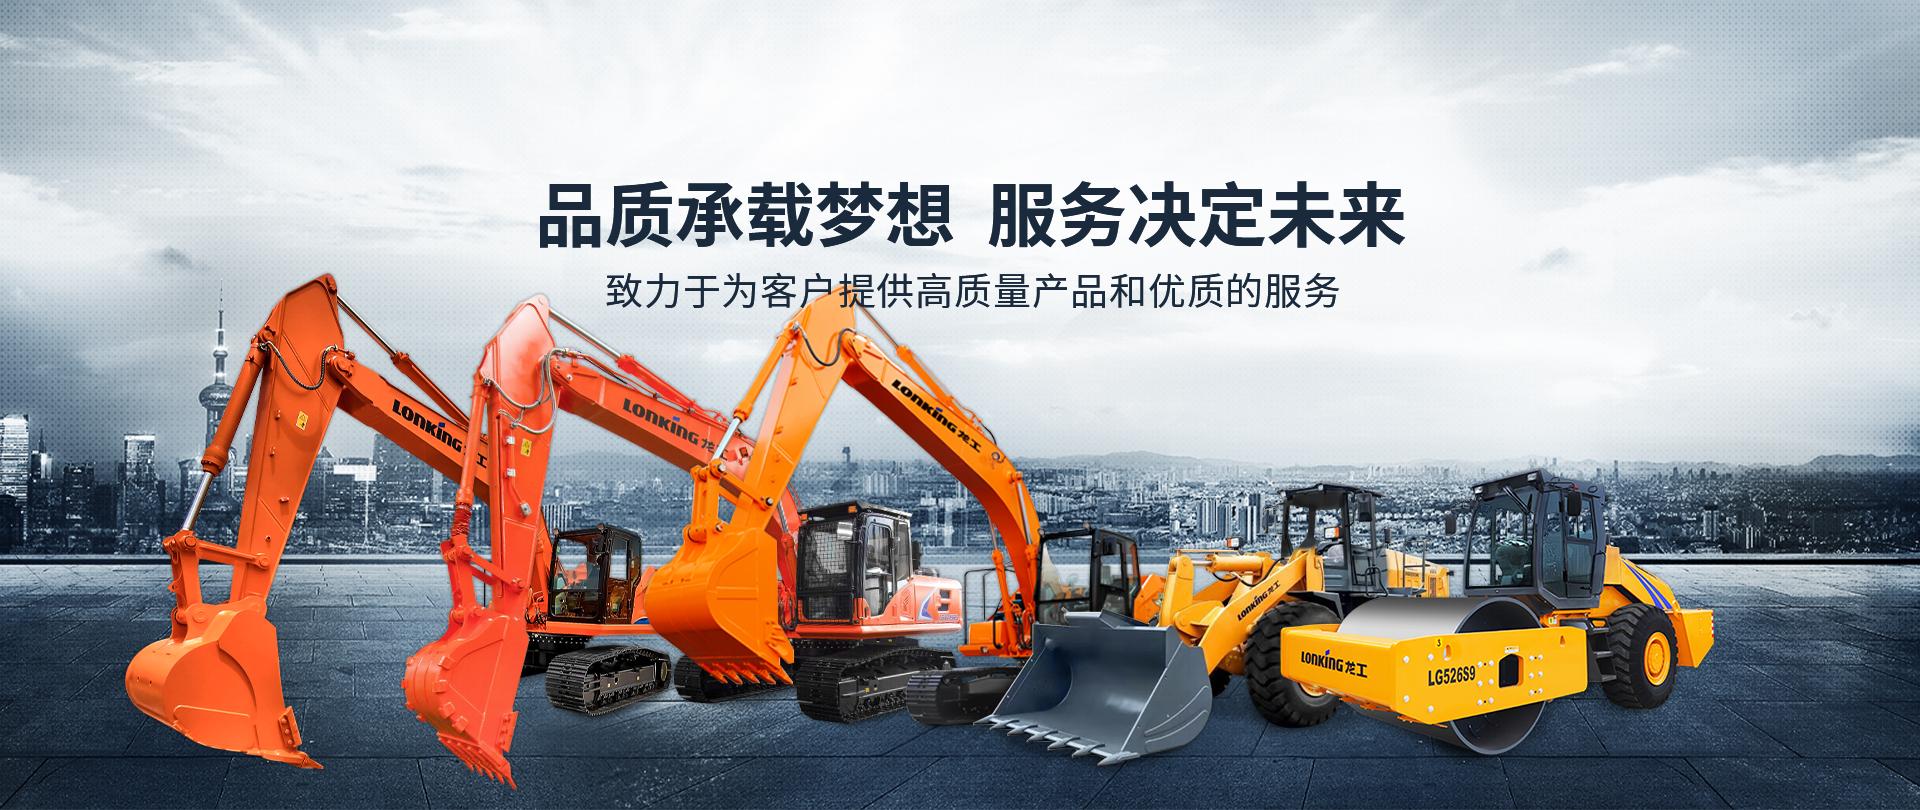 宁波挖掘机